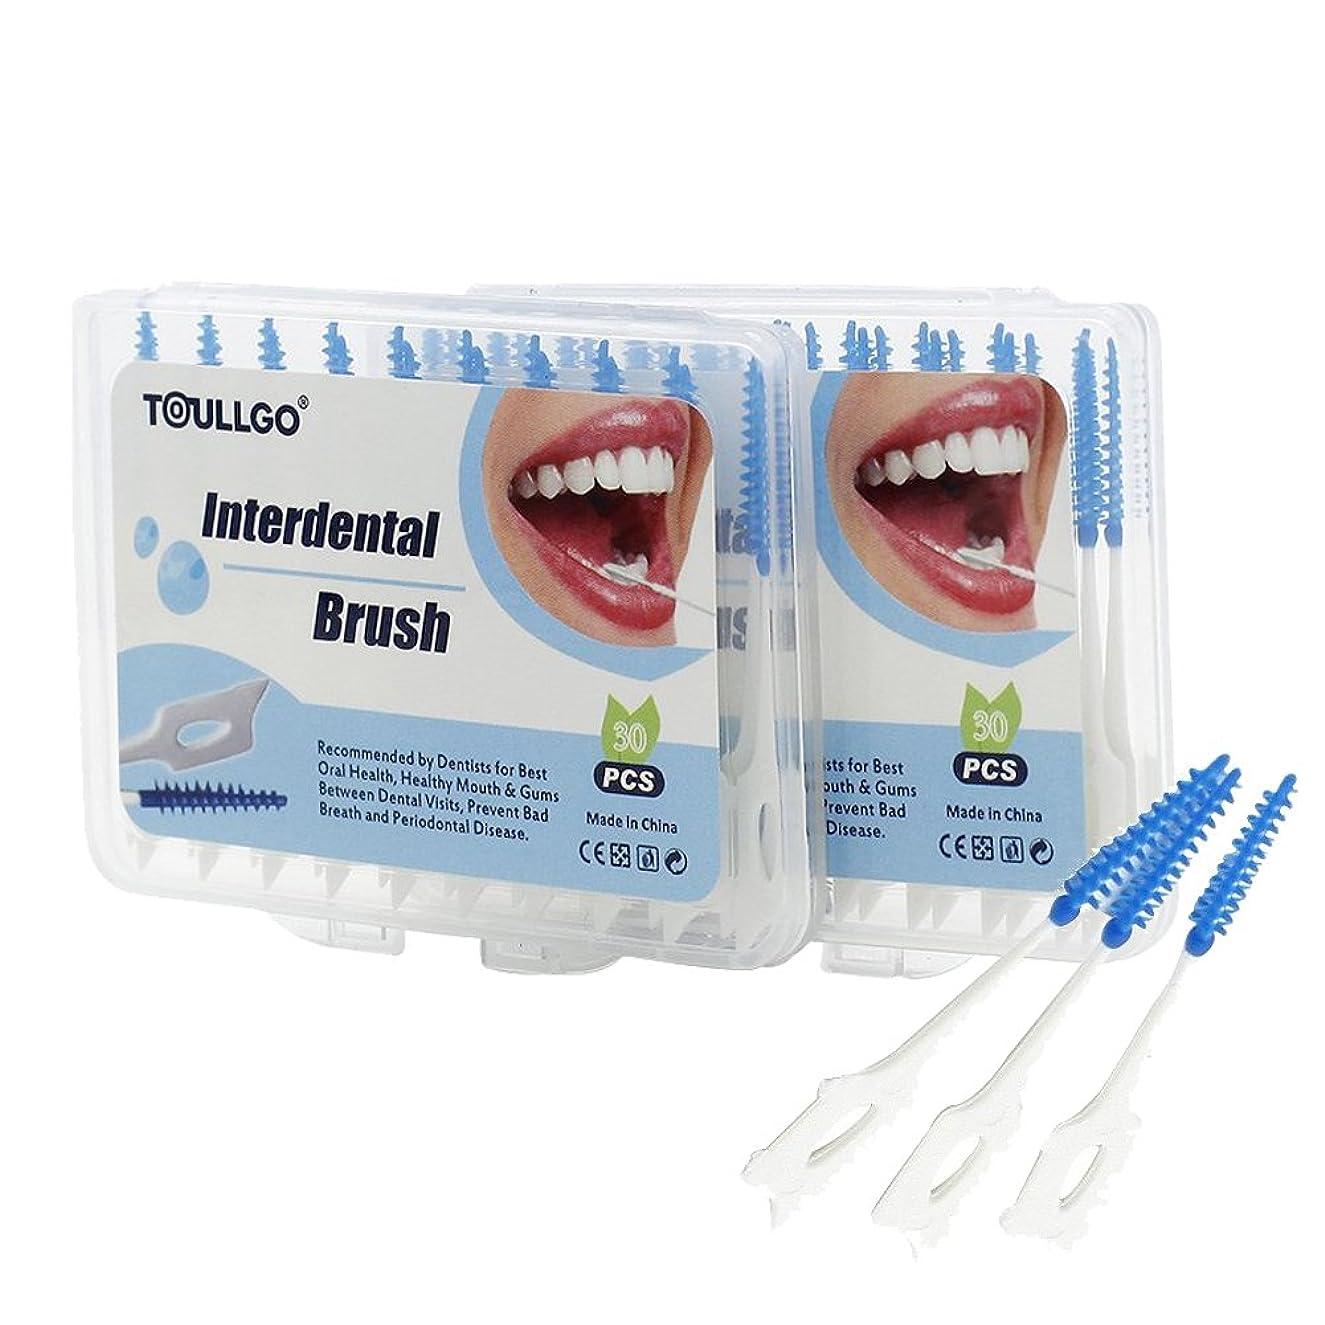 限界理容師効率的歯間ブラシ のやわらか歯間ブラシ デイリー歯間ブラシ イン 30本×2個(計60本) お徳用 やわらかなゴムタイプ